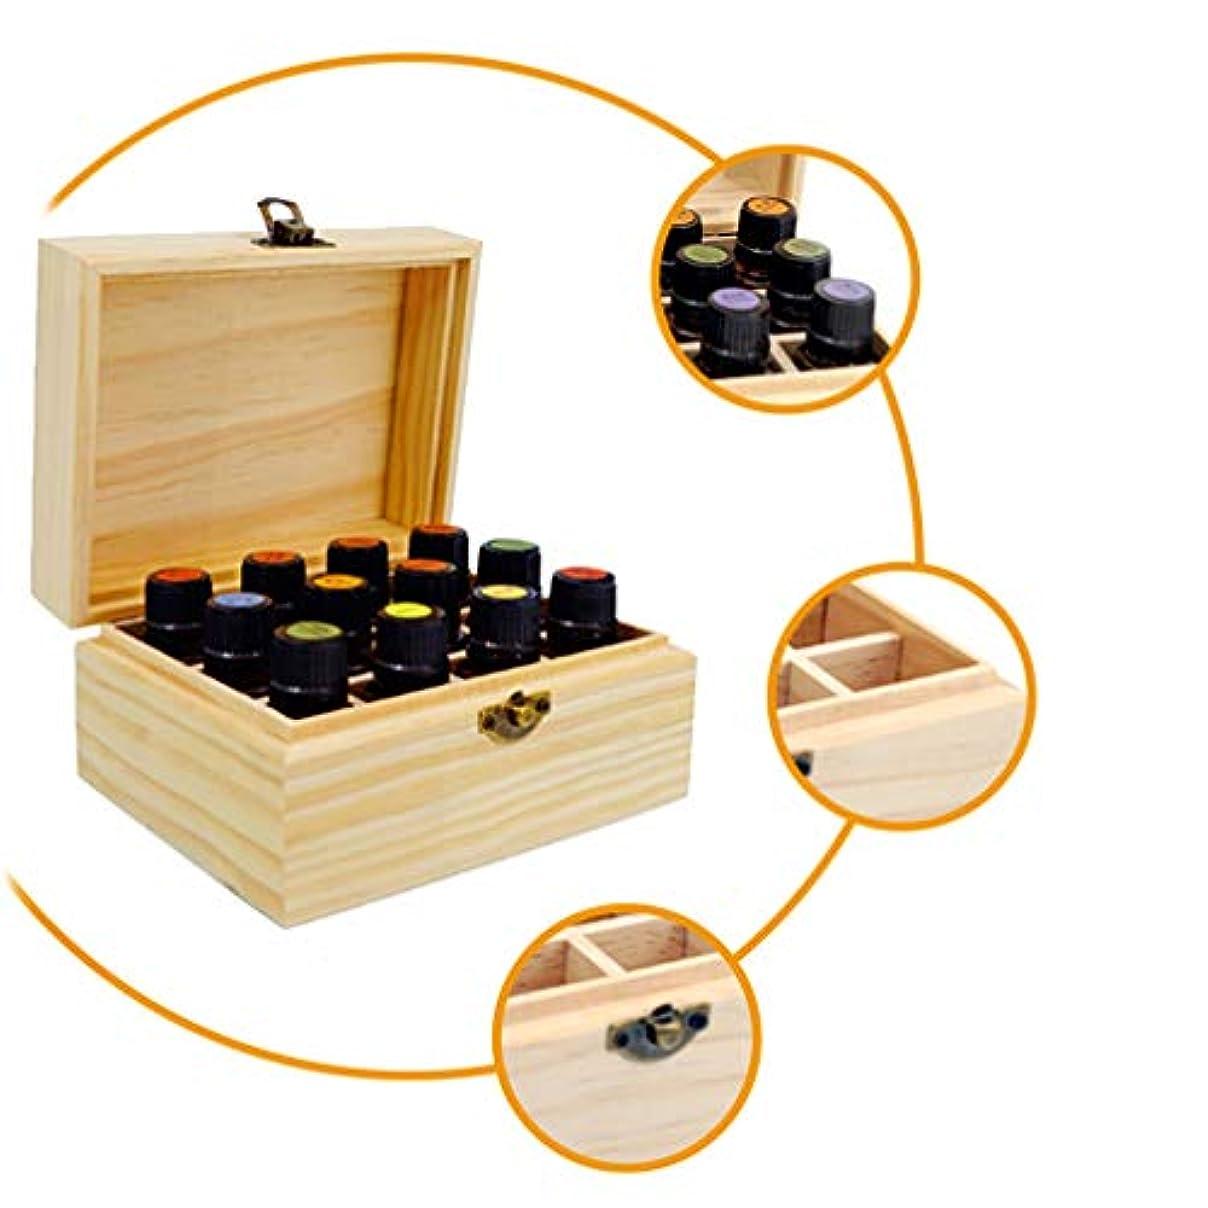 宇宙いらいらさせる遊具JIOLK エッセンシャルオイル 収納ボックス 12本用 木製 香水収納ケース 大容量 精油収納 携帯便利 オイルボックス おしゃれ 精油ケース